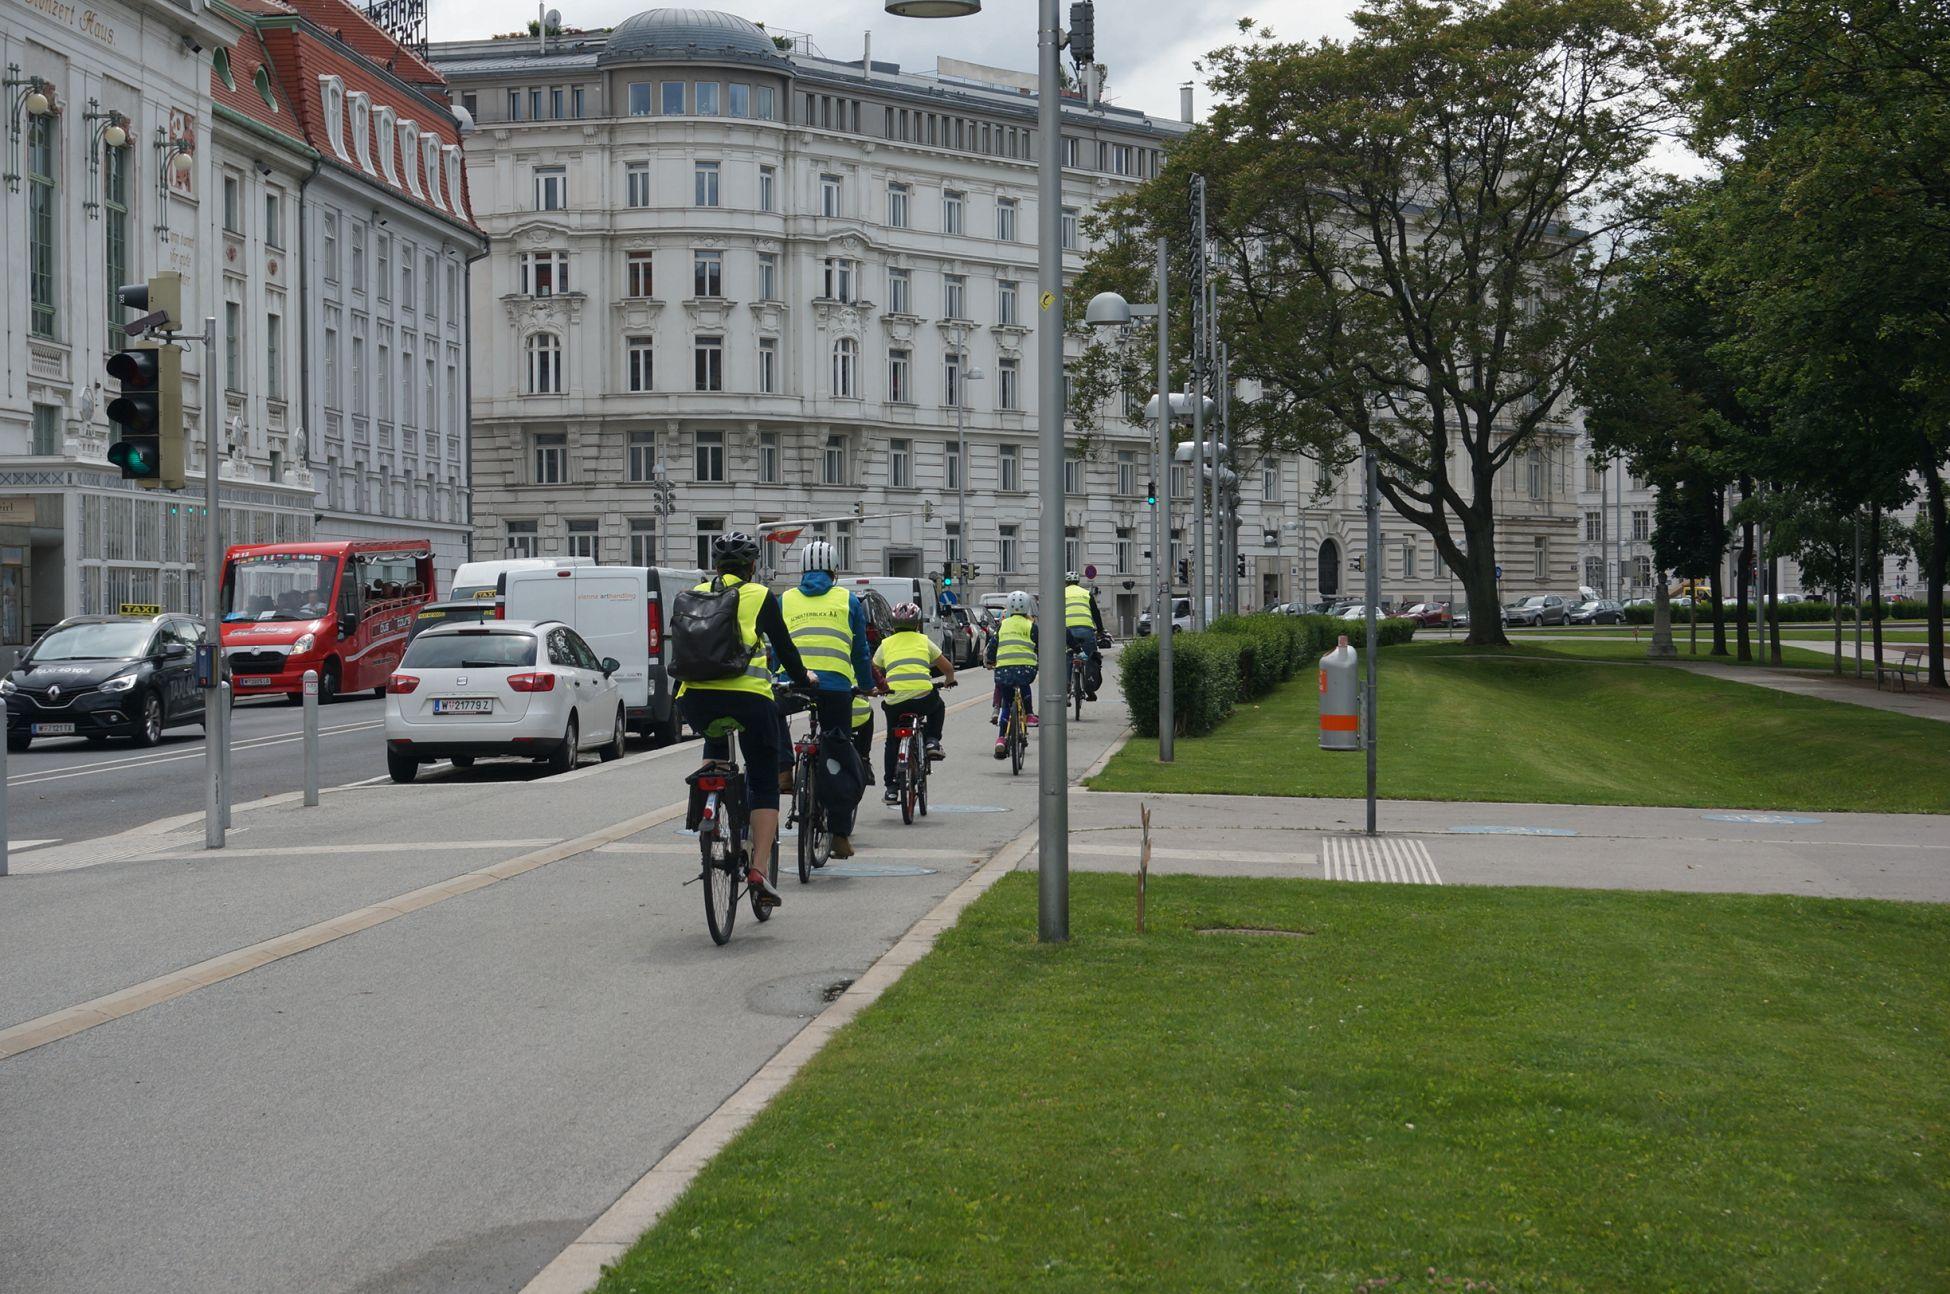 """Mit dem Rad zur Schule fahren: das wollen viele Kinder. Bei der Radfahrschule """"Schulterblick"""" bekommen sie das Rüstzeug dafür. Verkehrszeichen lernen, Handzeichen üben und gemeinsam Radeln."""